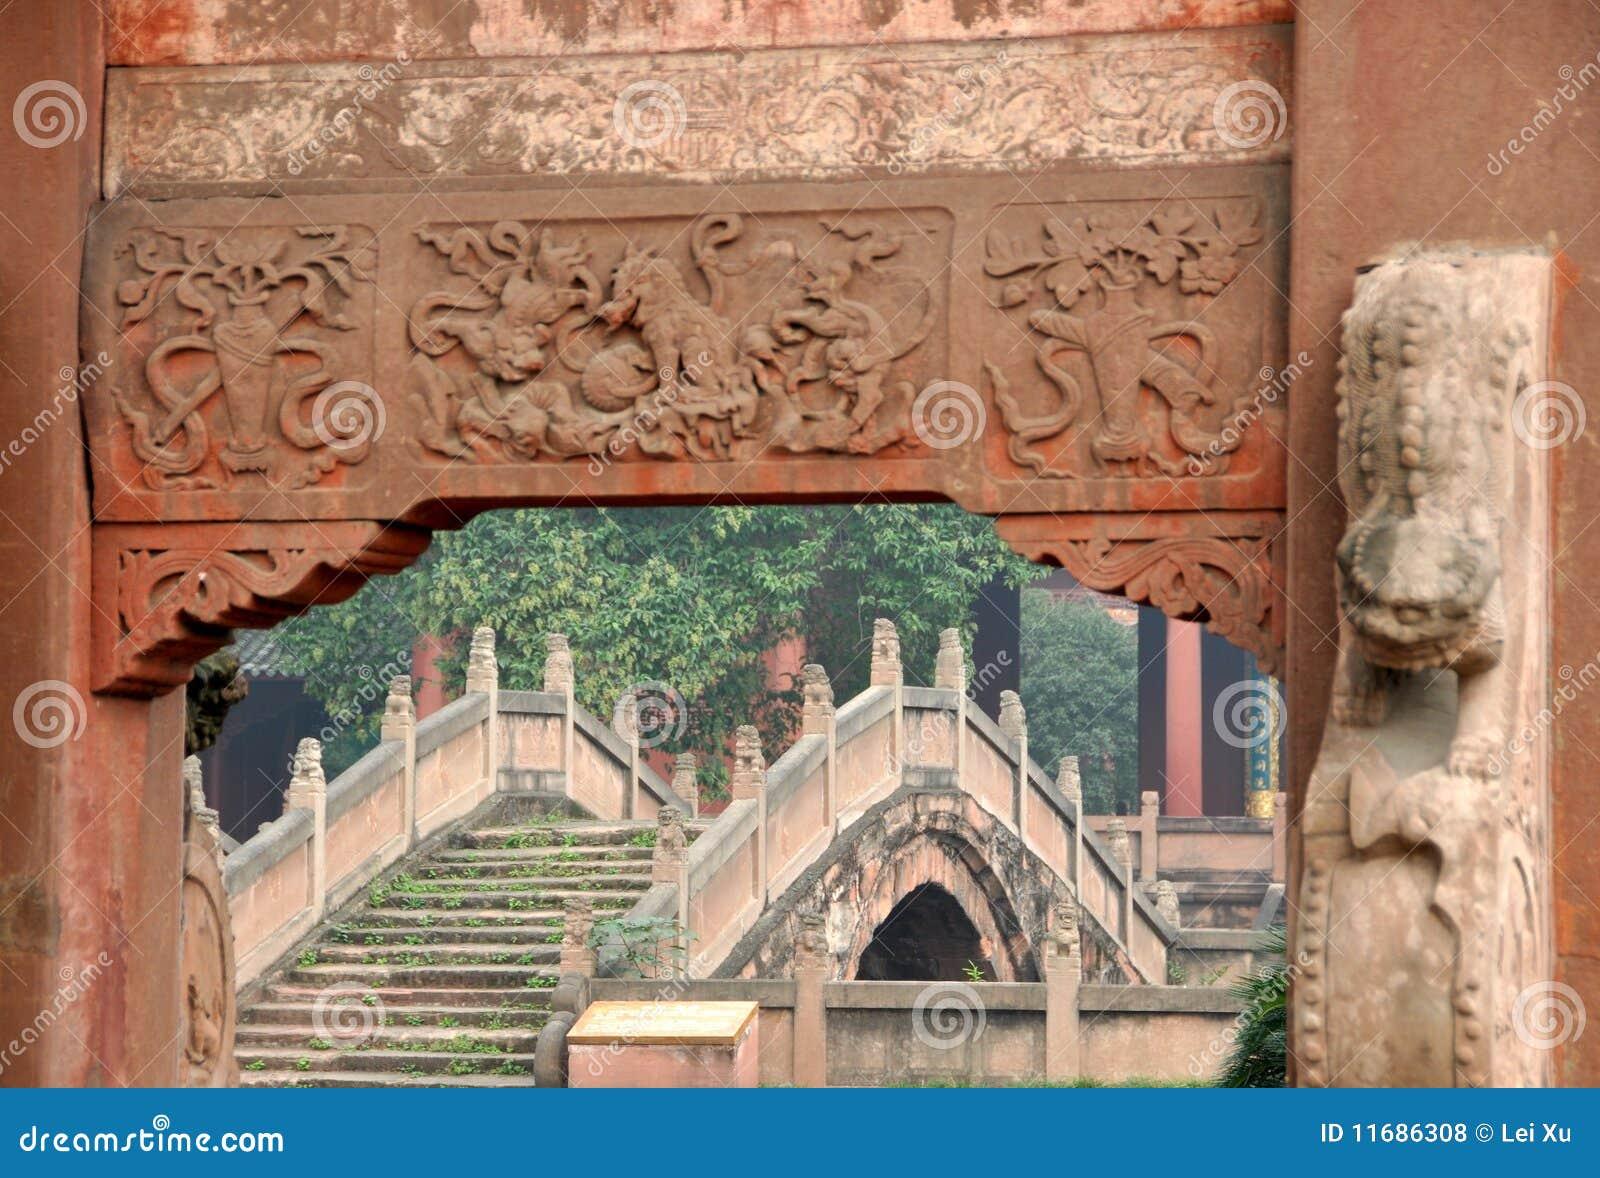 Deyang China  city photos gallery : Deyang, China: Deyang Confucian Temple Royalty Free Stock Photos ...